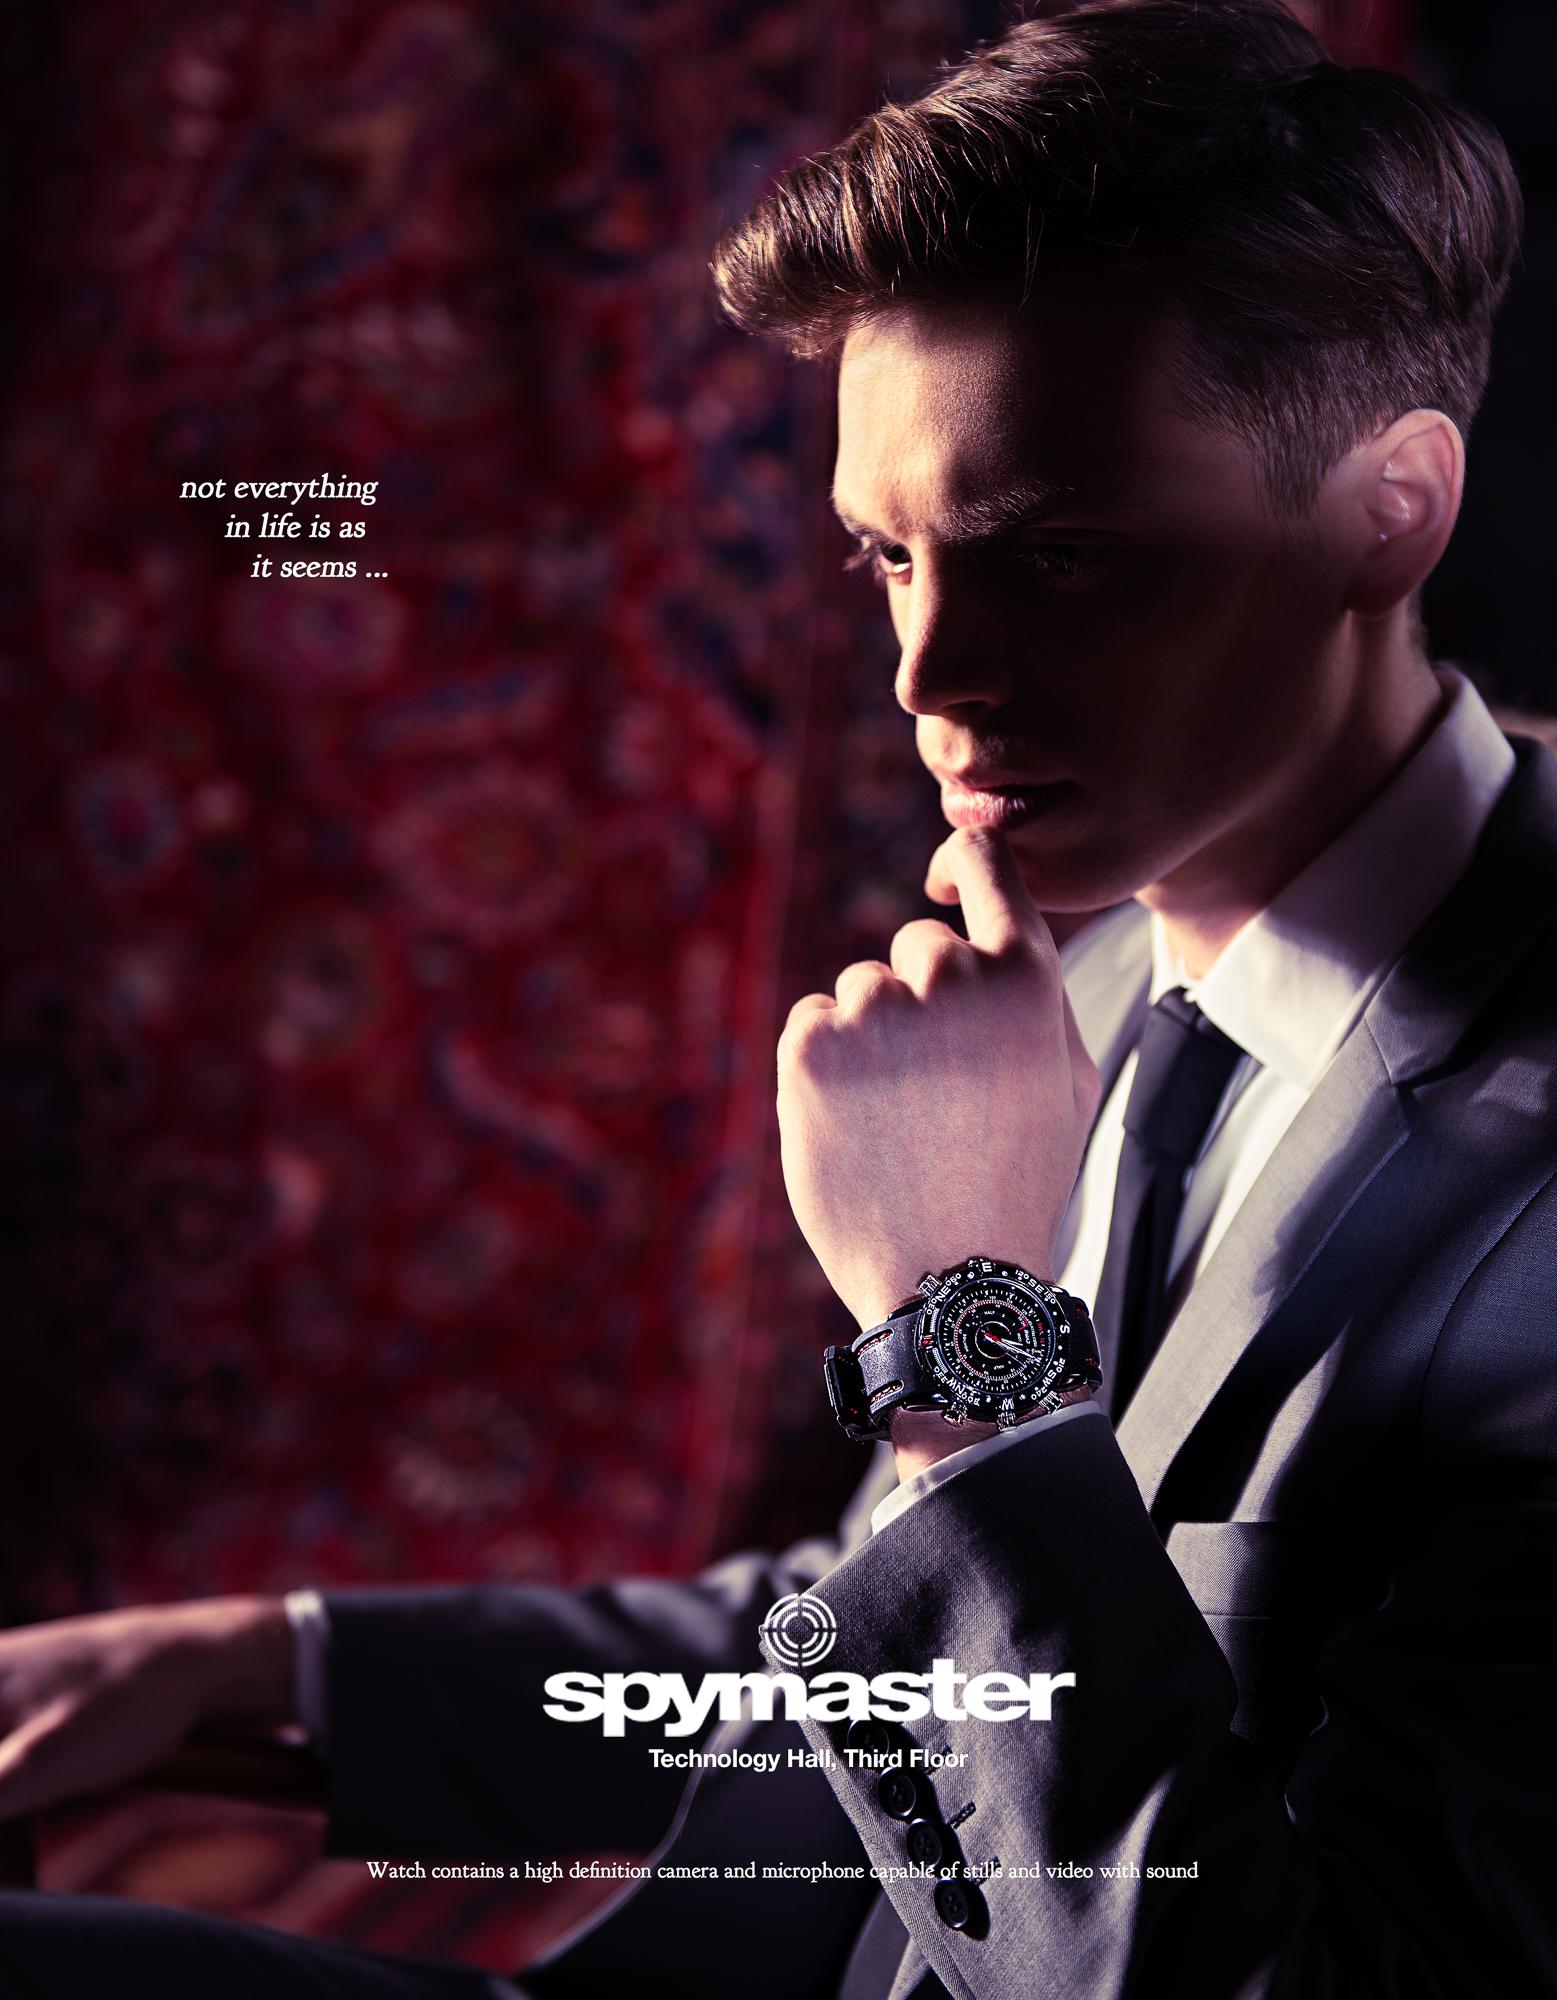 Spymaster_Harrods-0620-Edit.jpg